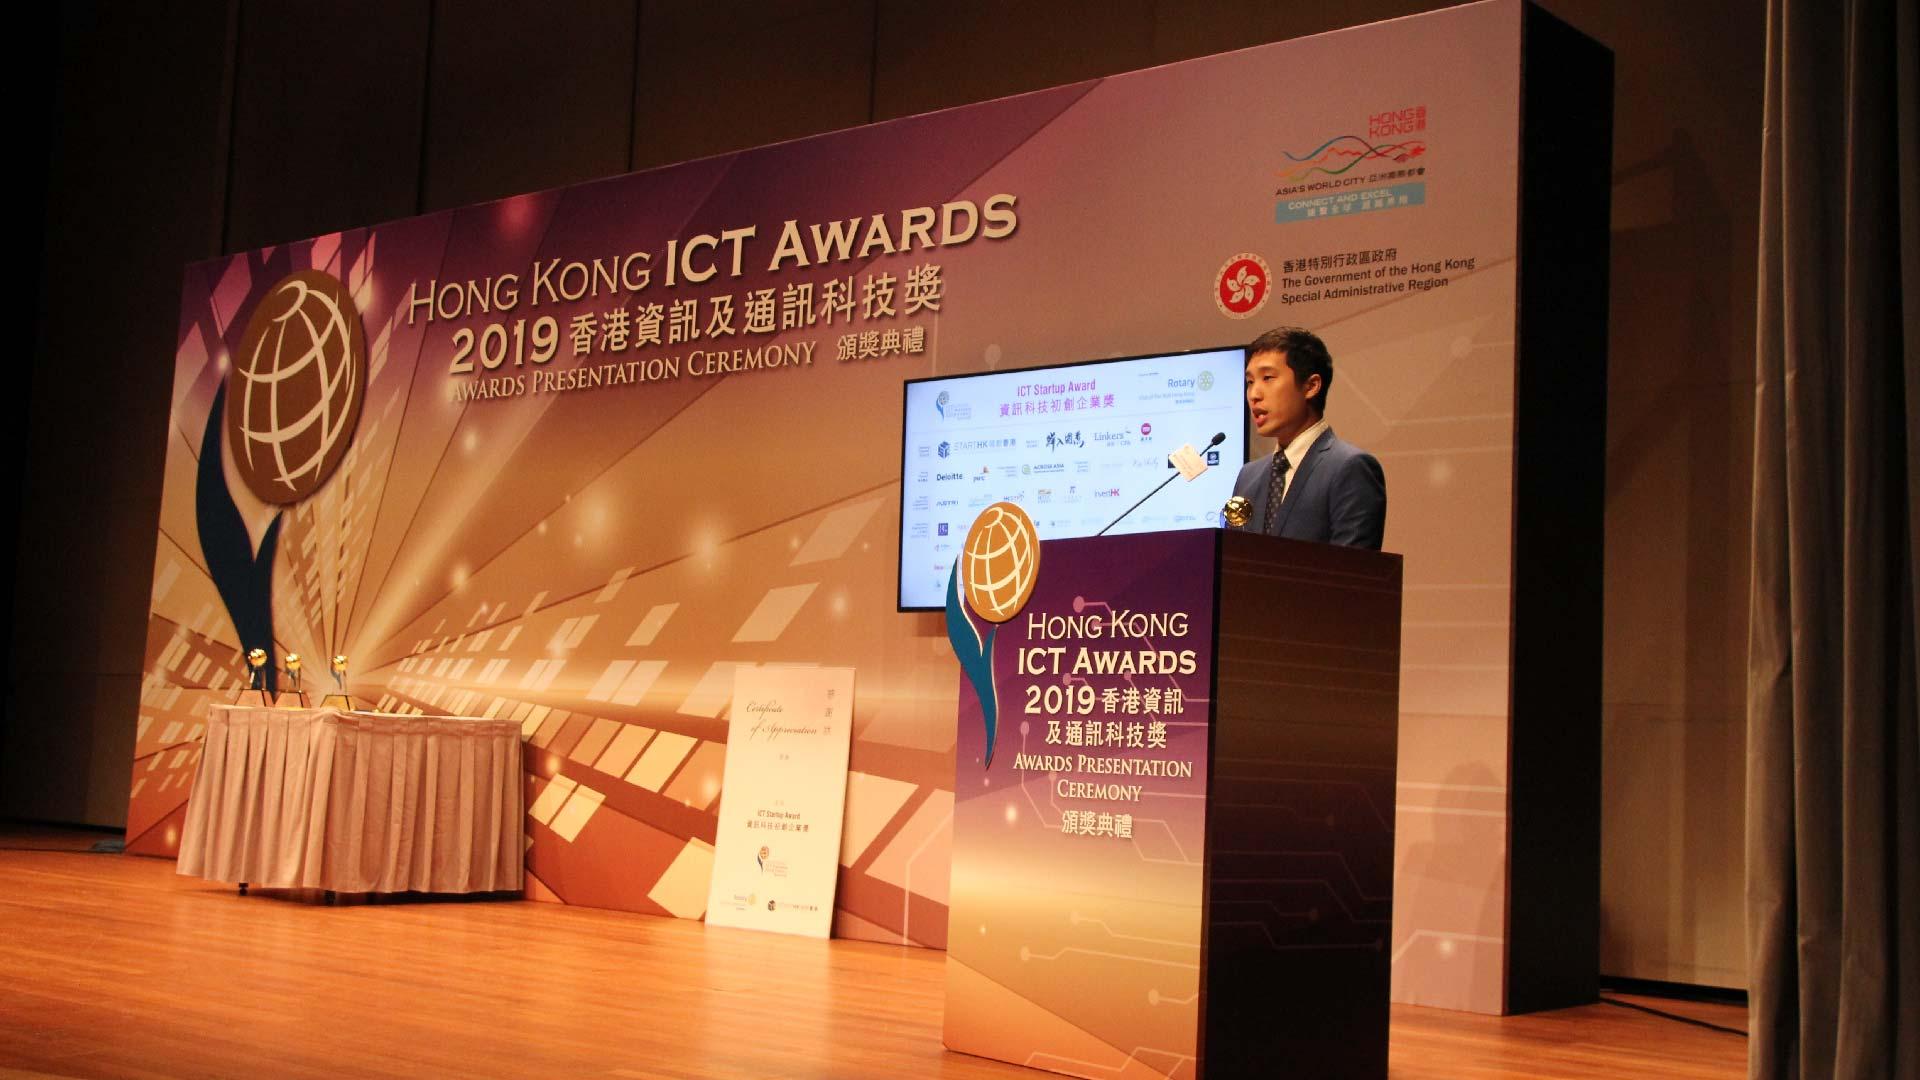 Receiving the Gold Award at The Hong Kong ICT Awards 2019 3